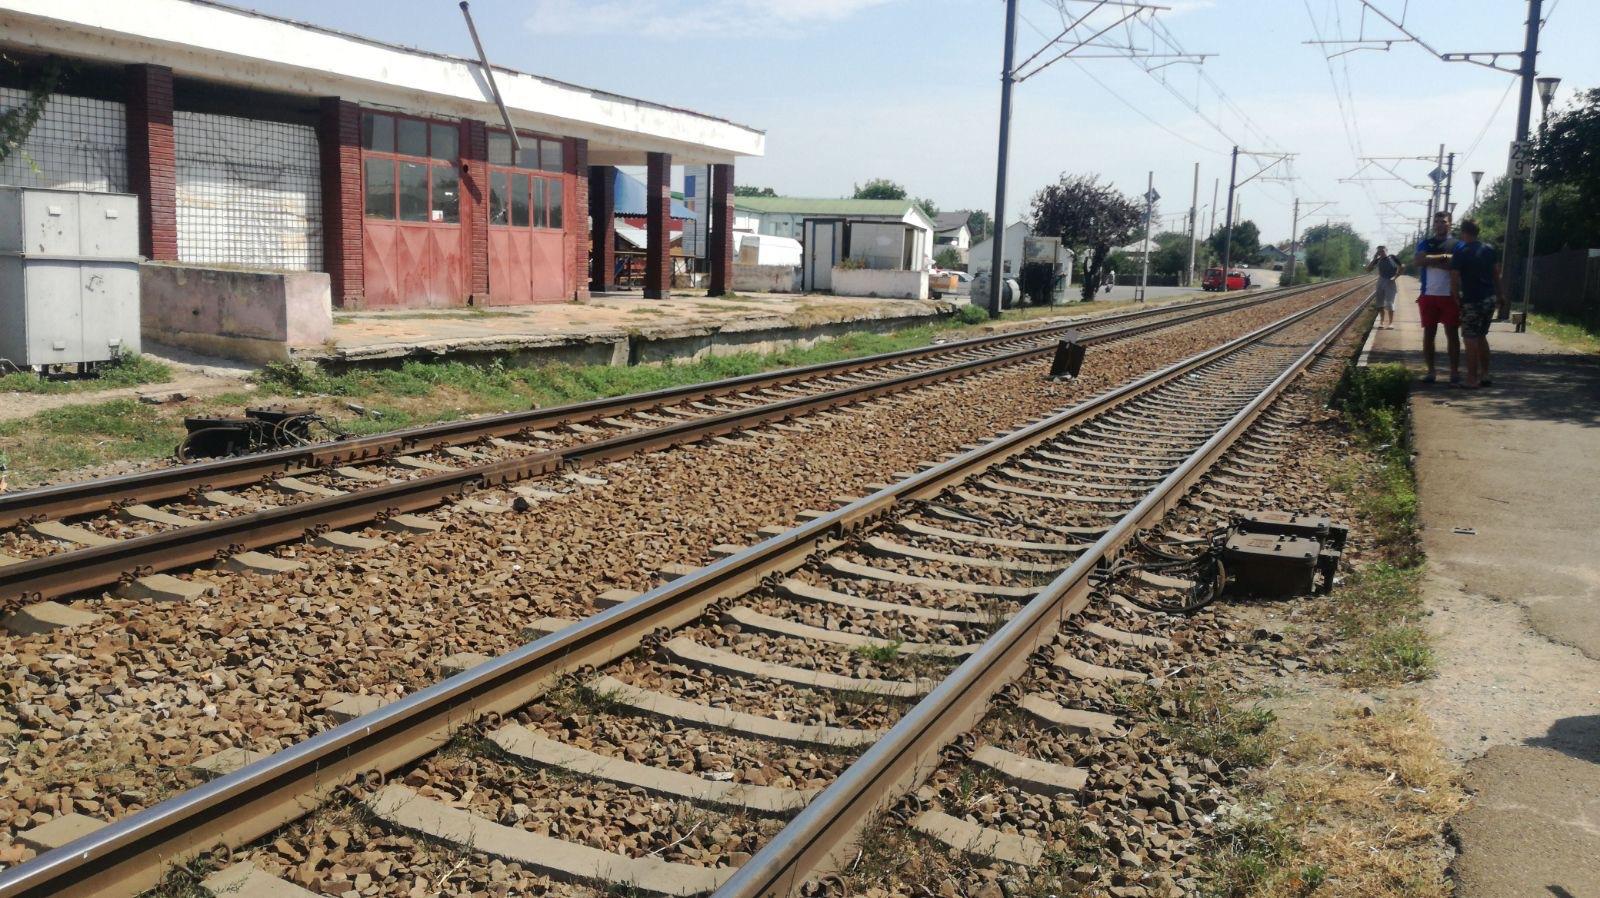 Un copac a căzut peste linia ferată, între Predeal şi Timişu de Sus, oprind temporar traficul feroviar. Şapte trenuri de călători au fost oprite în gări/ UPDATE: Circulaţia feroviară a fost reluată